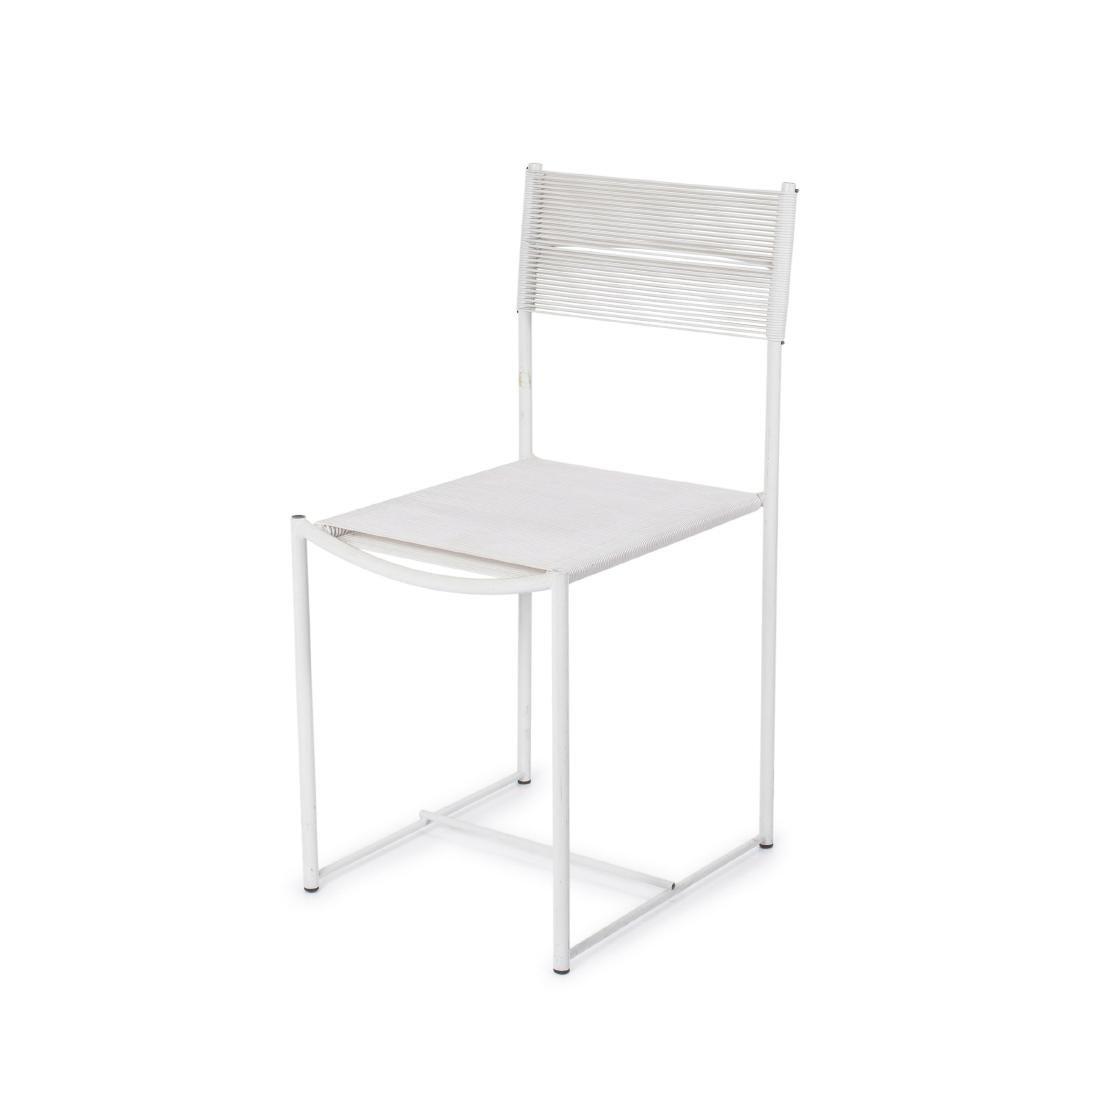 'Spaghetti chair', 1979